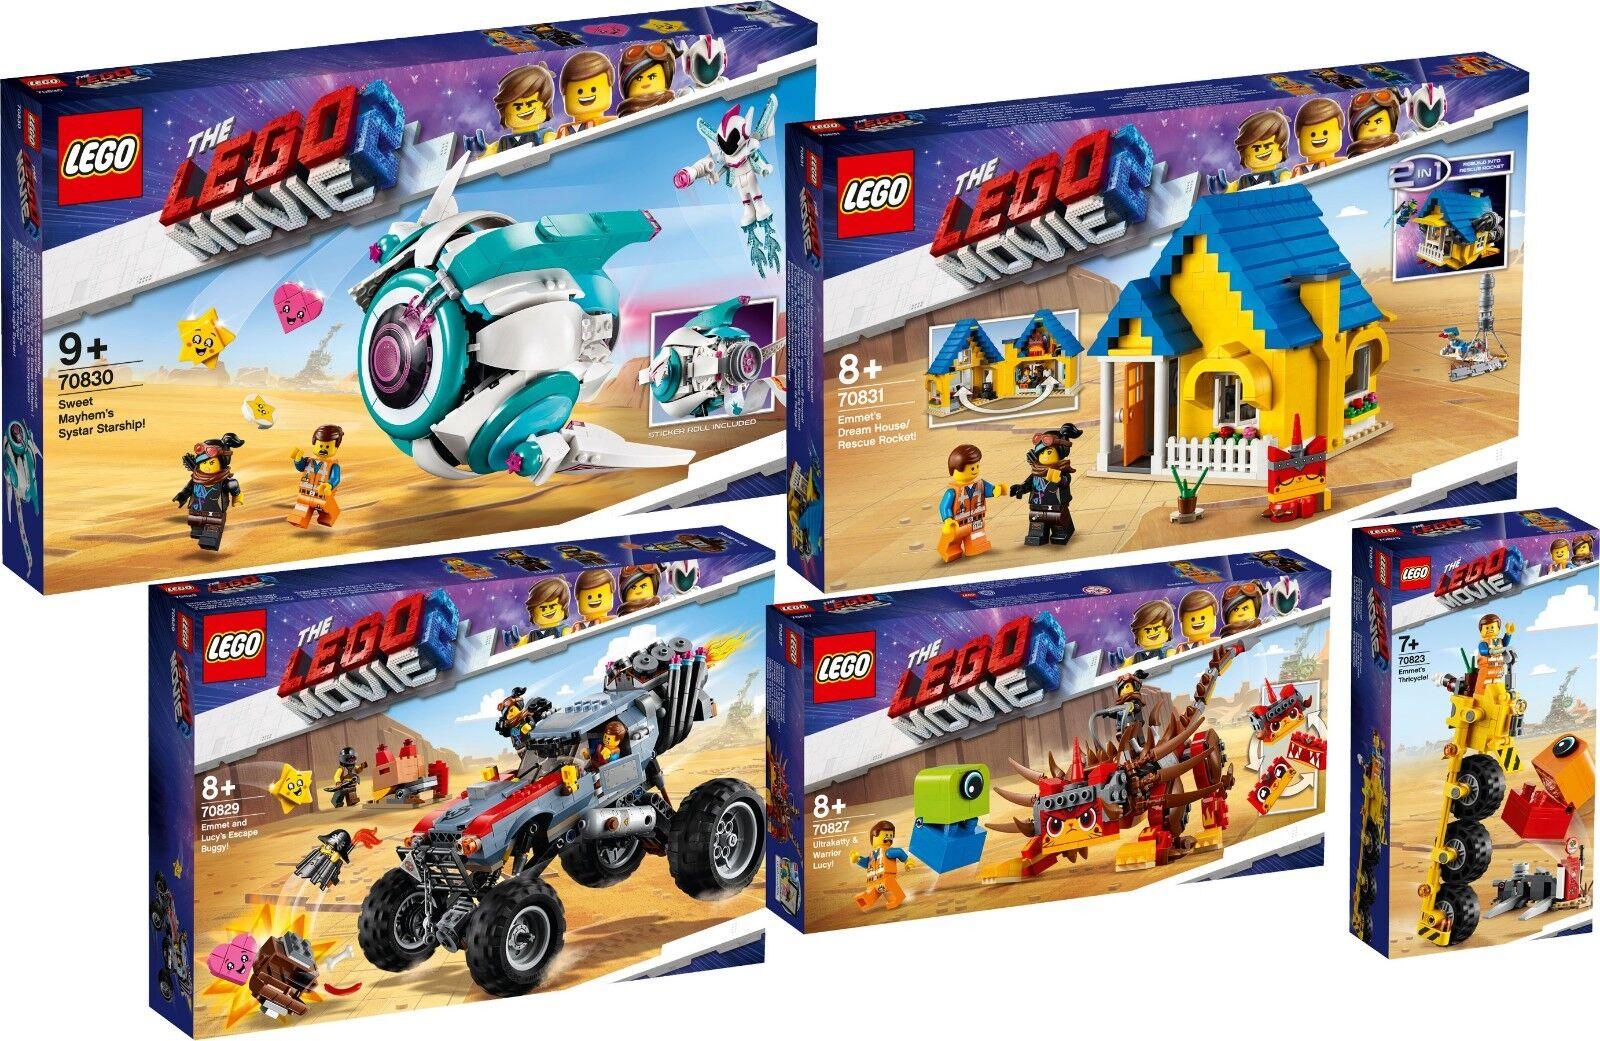 Lego The Lego  Movie 2 ™ 70831 70830 70829 70827 70823 Emmet Warrior-Lucy N1 19  jusqu'à 42% de réduction